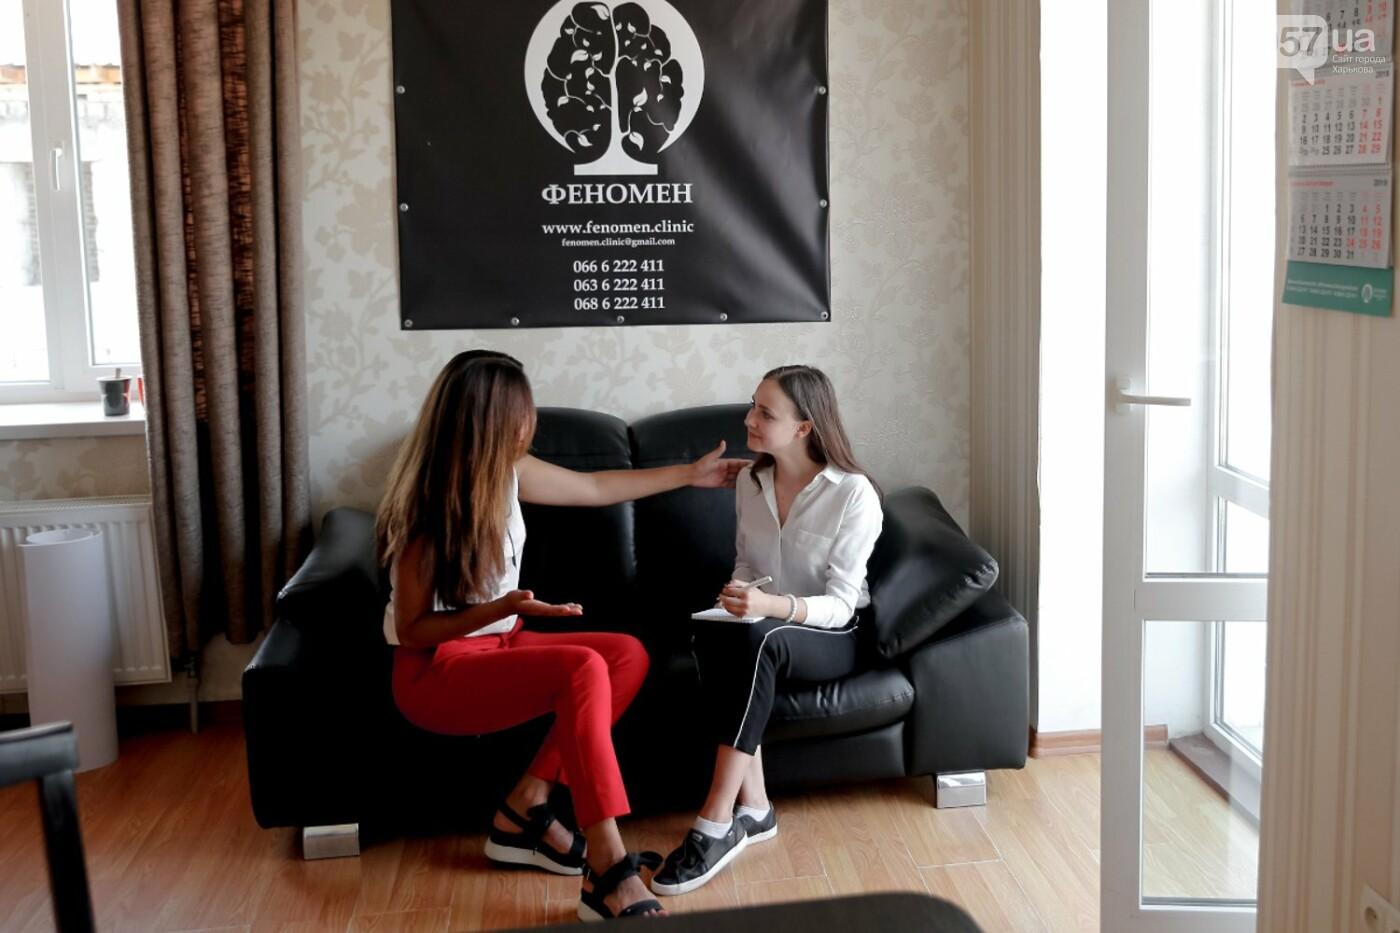 Реабилитационные центры в Харькове, лечение наркомании, лечение алкоголизма, фото-30